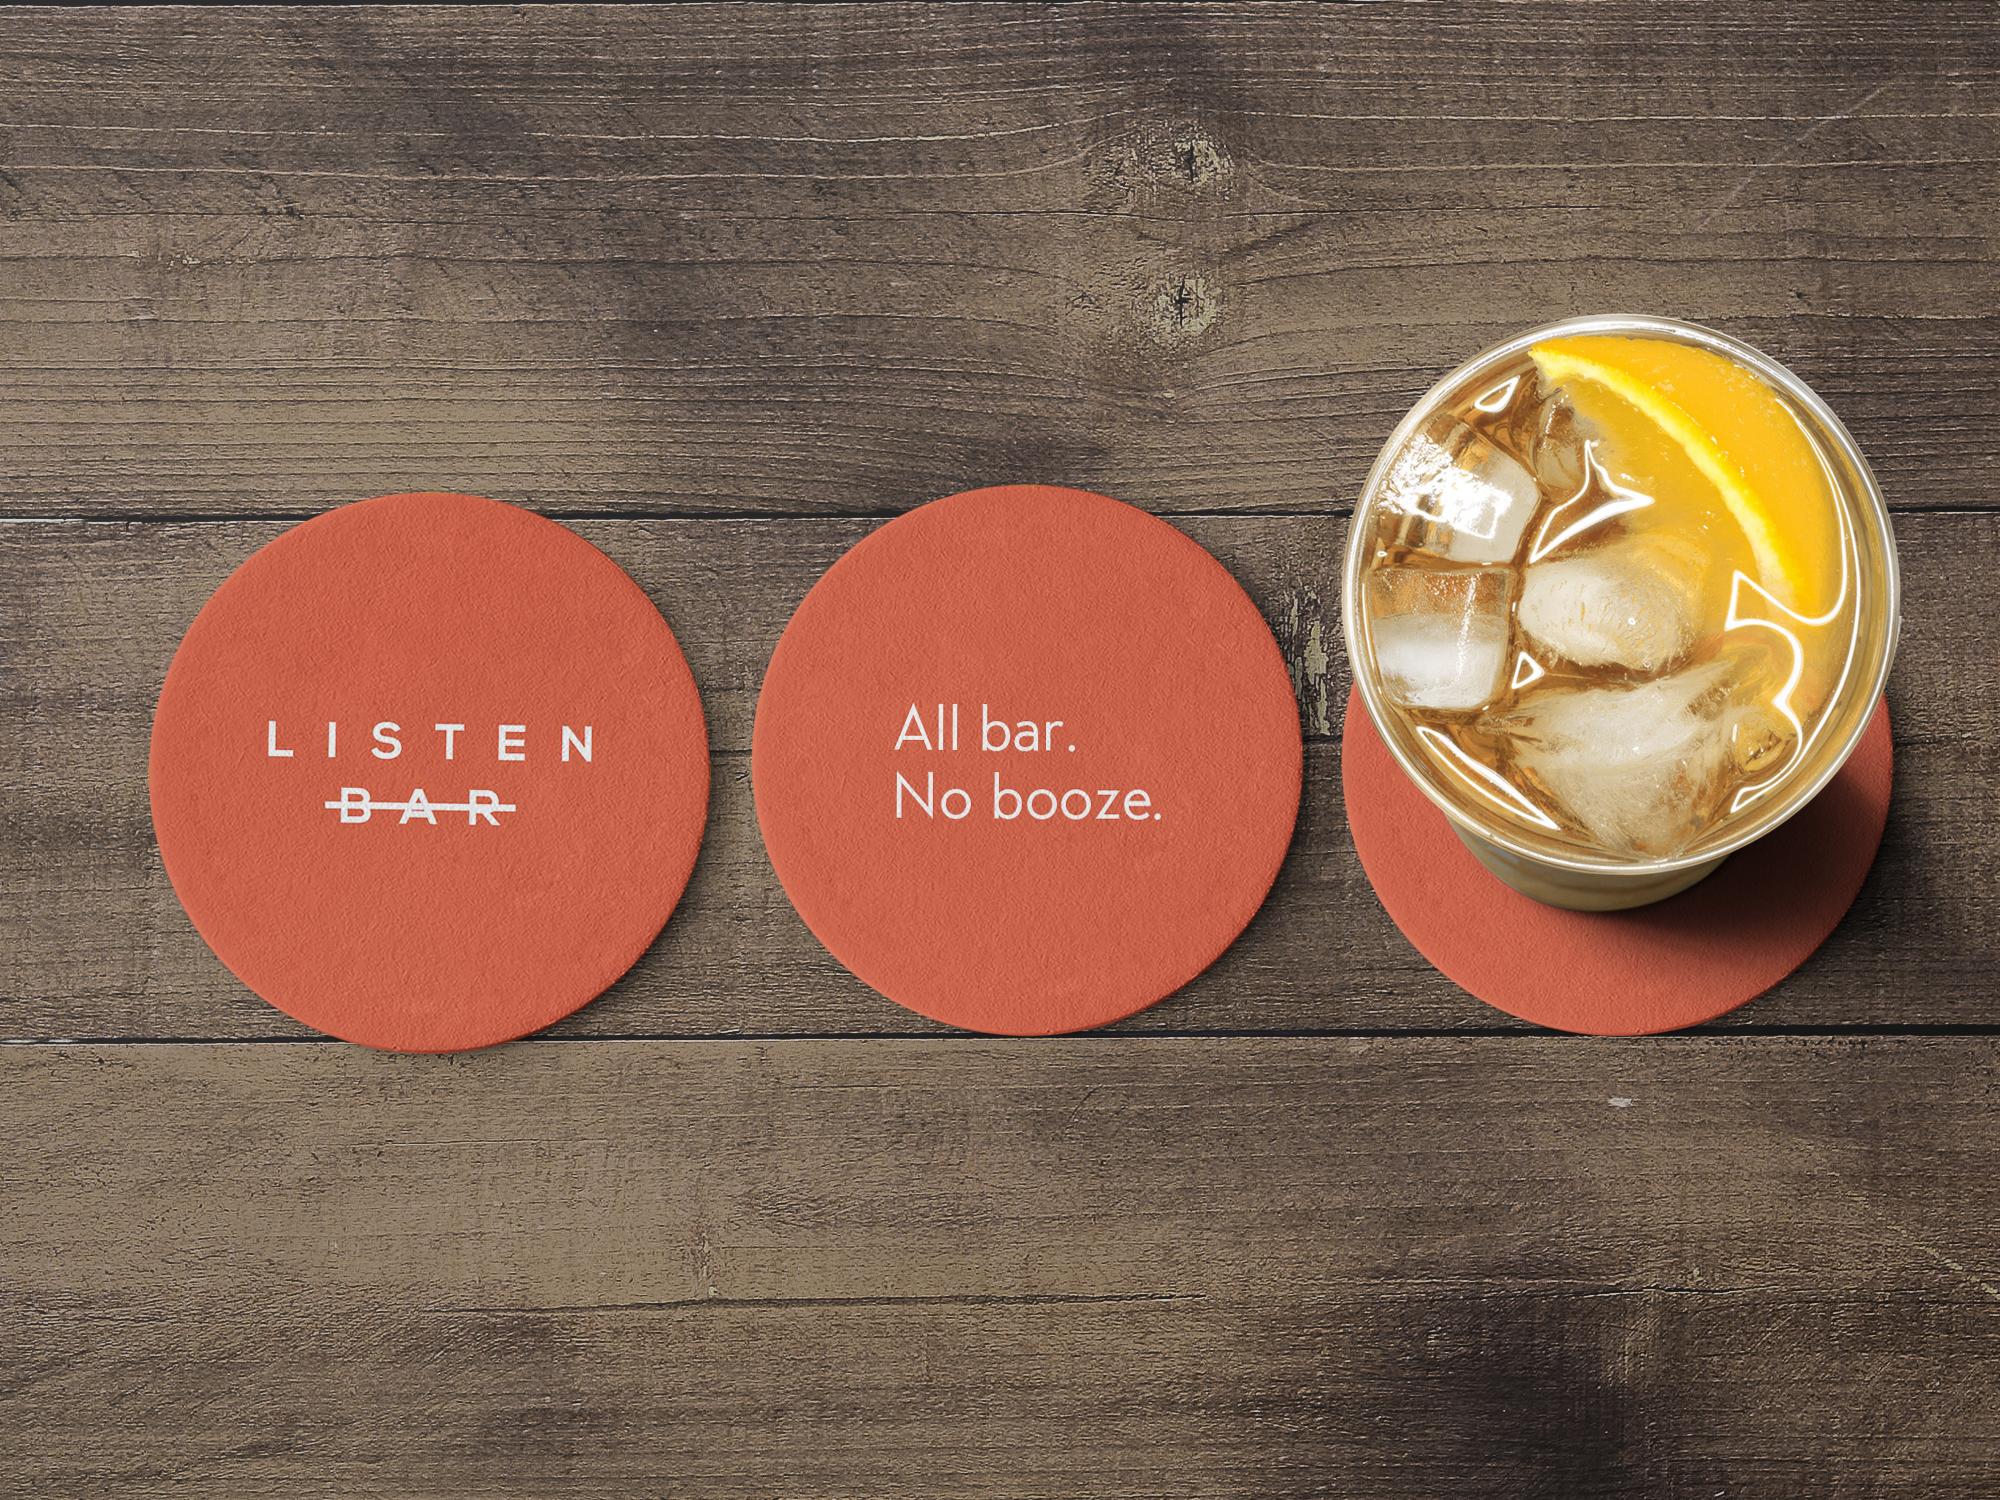 listen bar